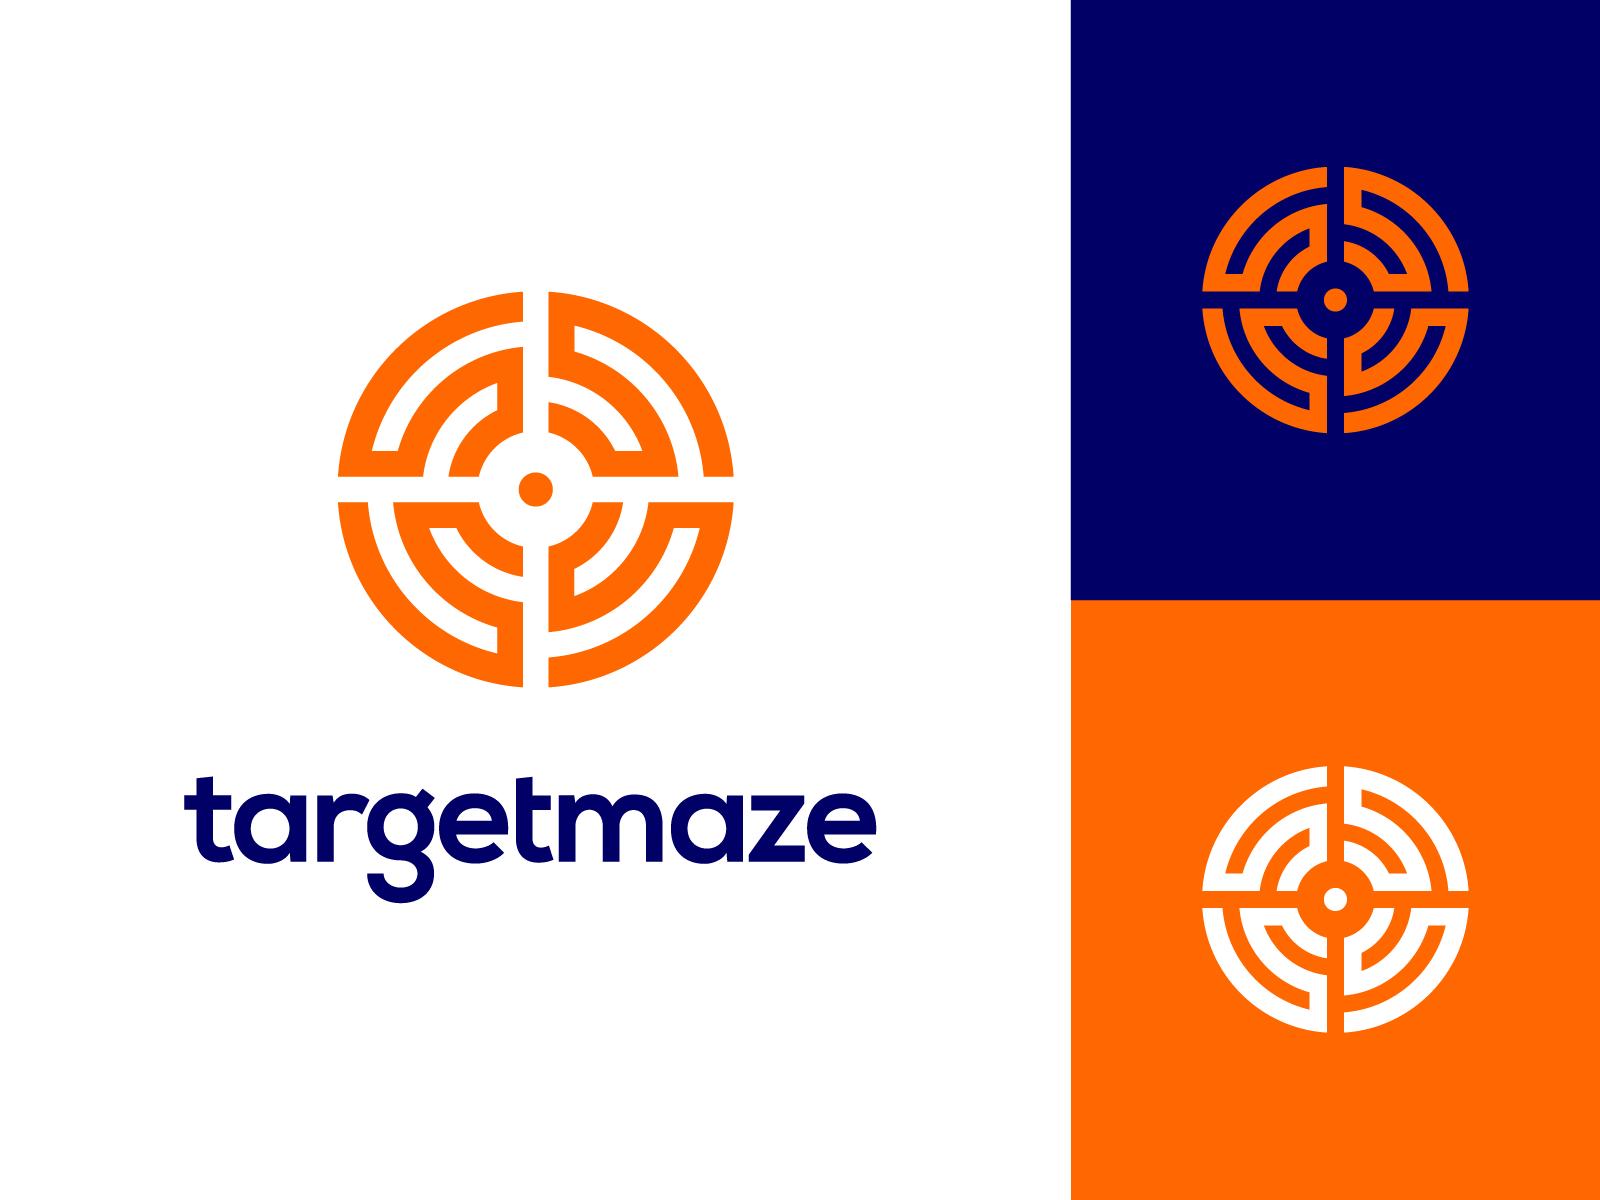 Targetmaze 01